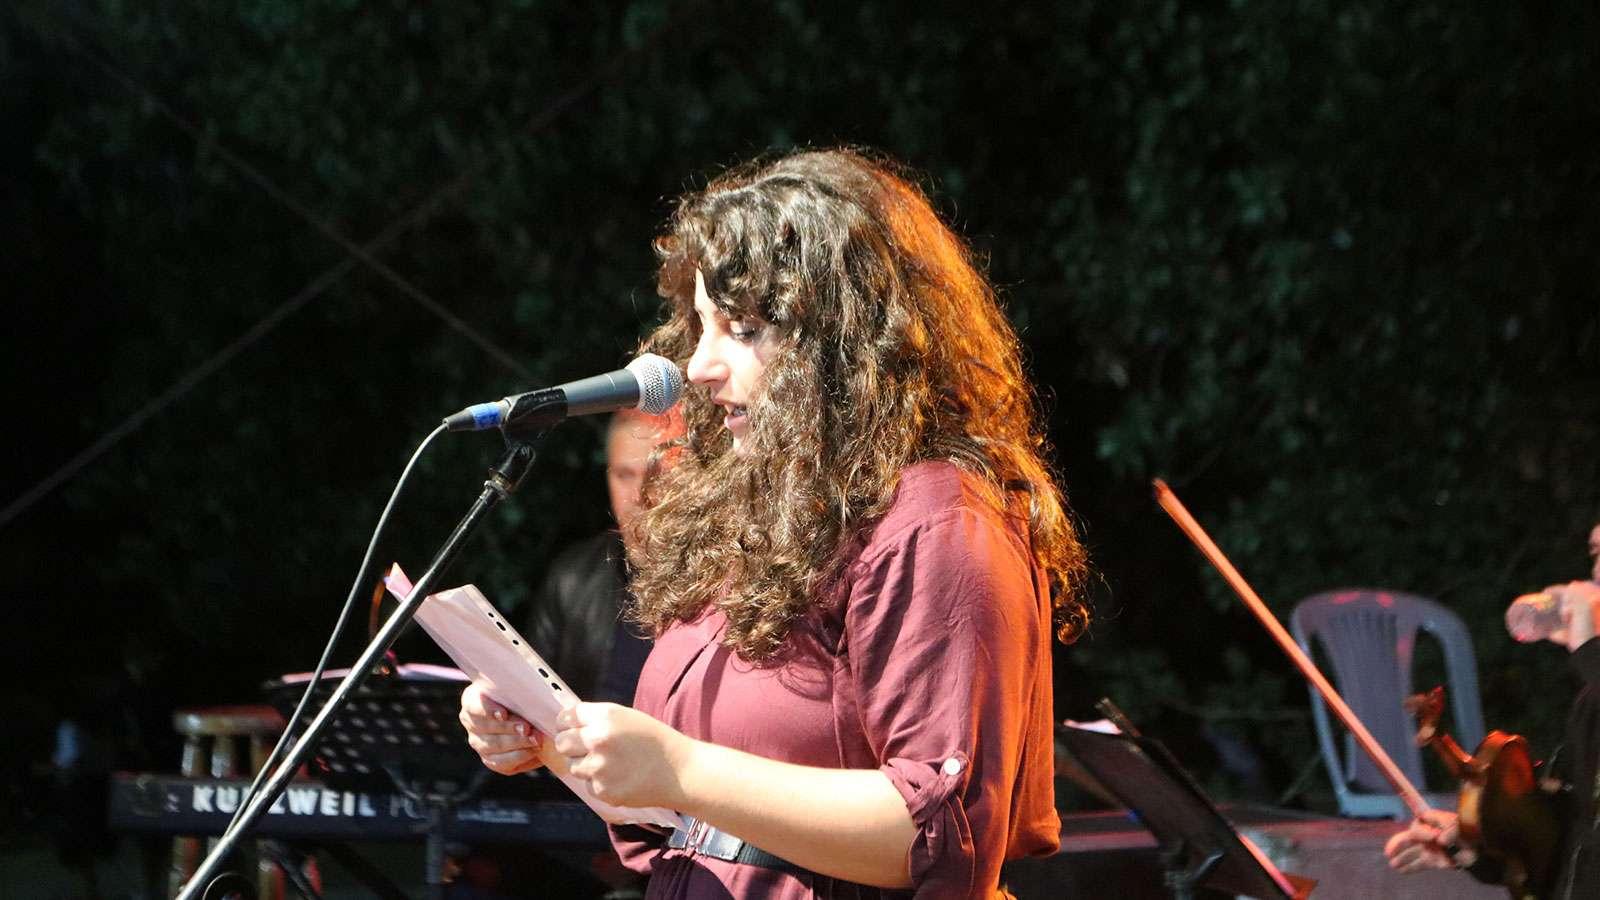 47ο φεστιβάλ ΚΝΕ Οδηγητή 3η μέρα Μελωδικό ταξίδι σε τραγούδια του Δημήτρη Χριστοδούλου στη Λαϊκή Σκηνή 2